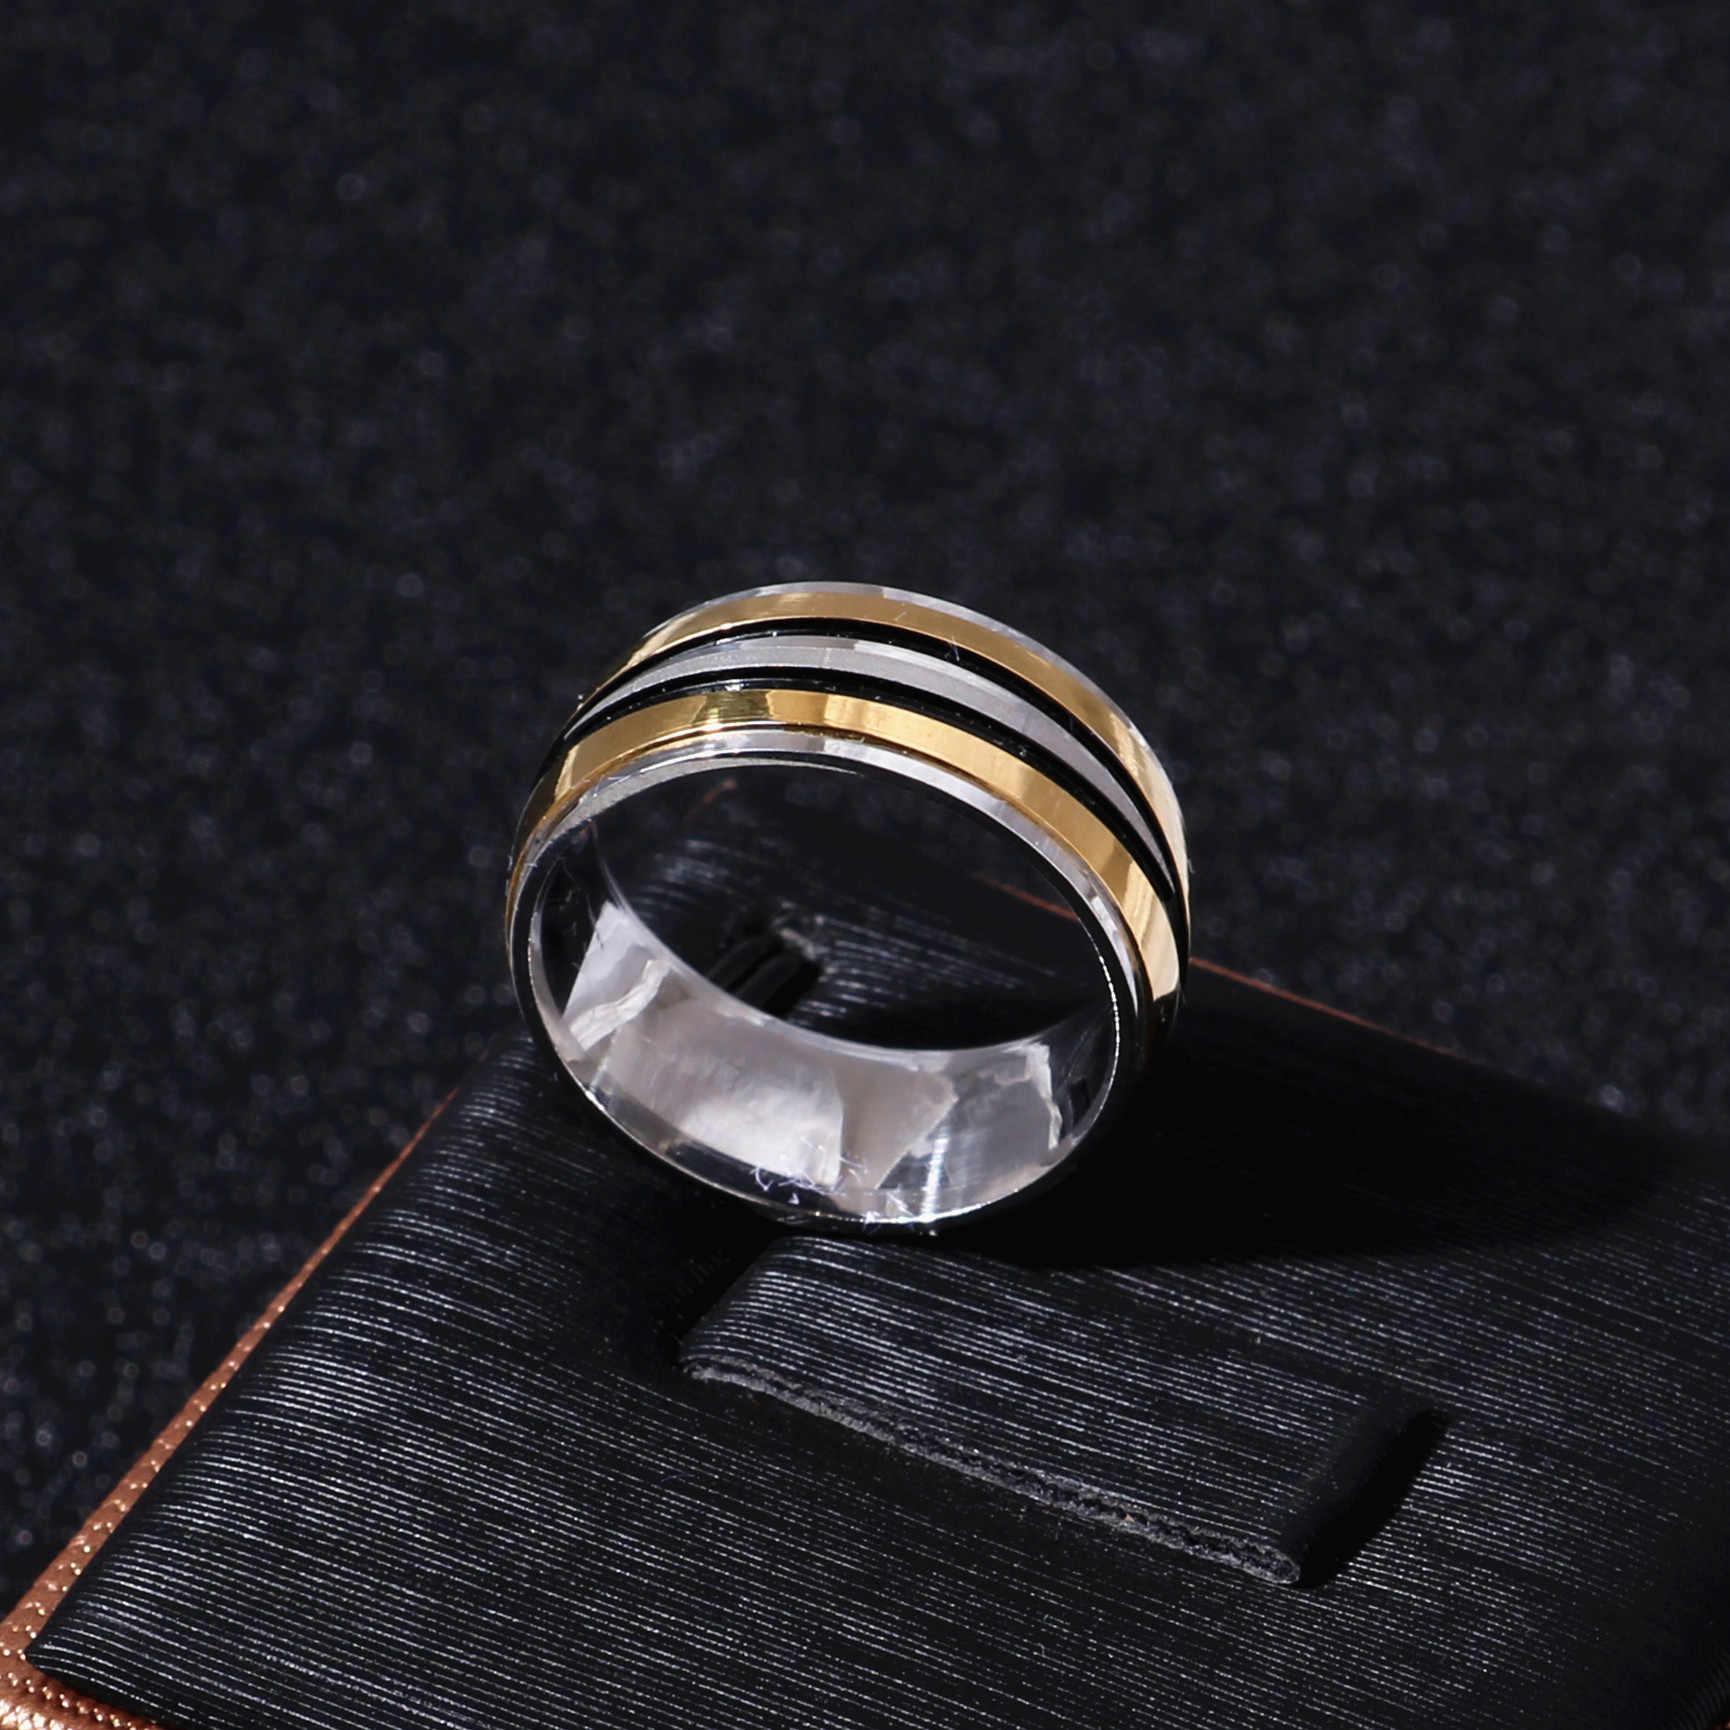 פאנק רוק סגנון זהב כסף טבעת Mens אופנה שמנמן אצבע בלינג היפ הופ טבעת גודל 7/8/9/10/11/12 רטרו טיטניום פלדת טבעות